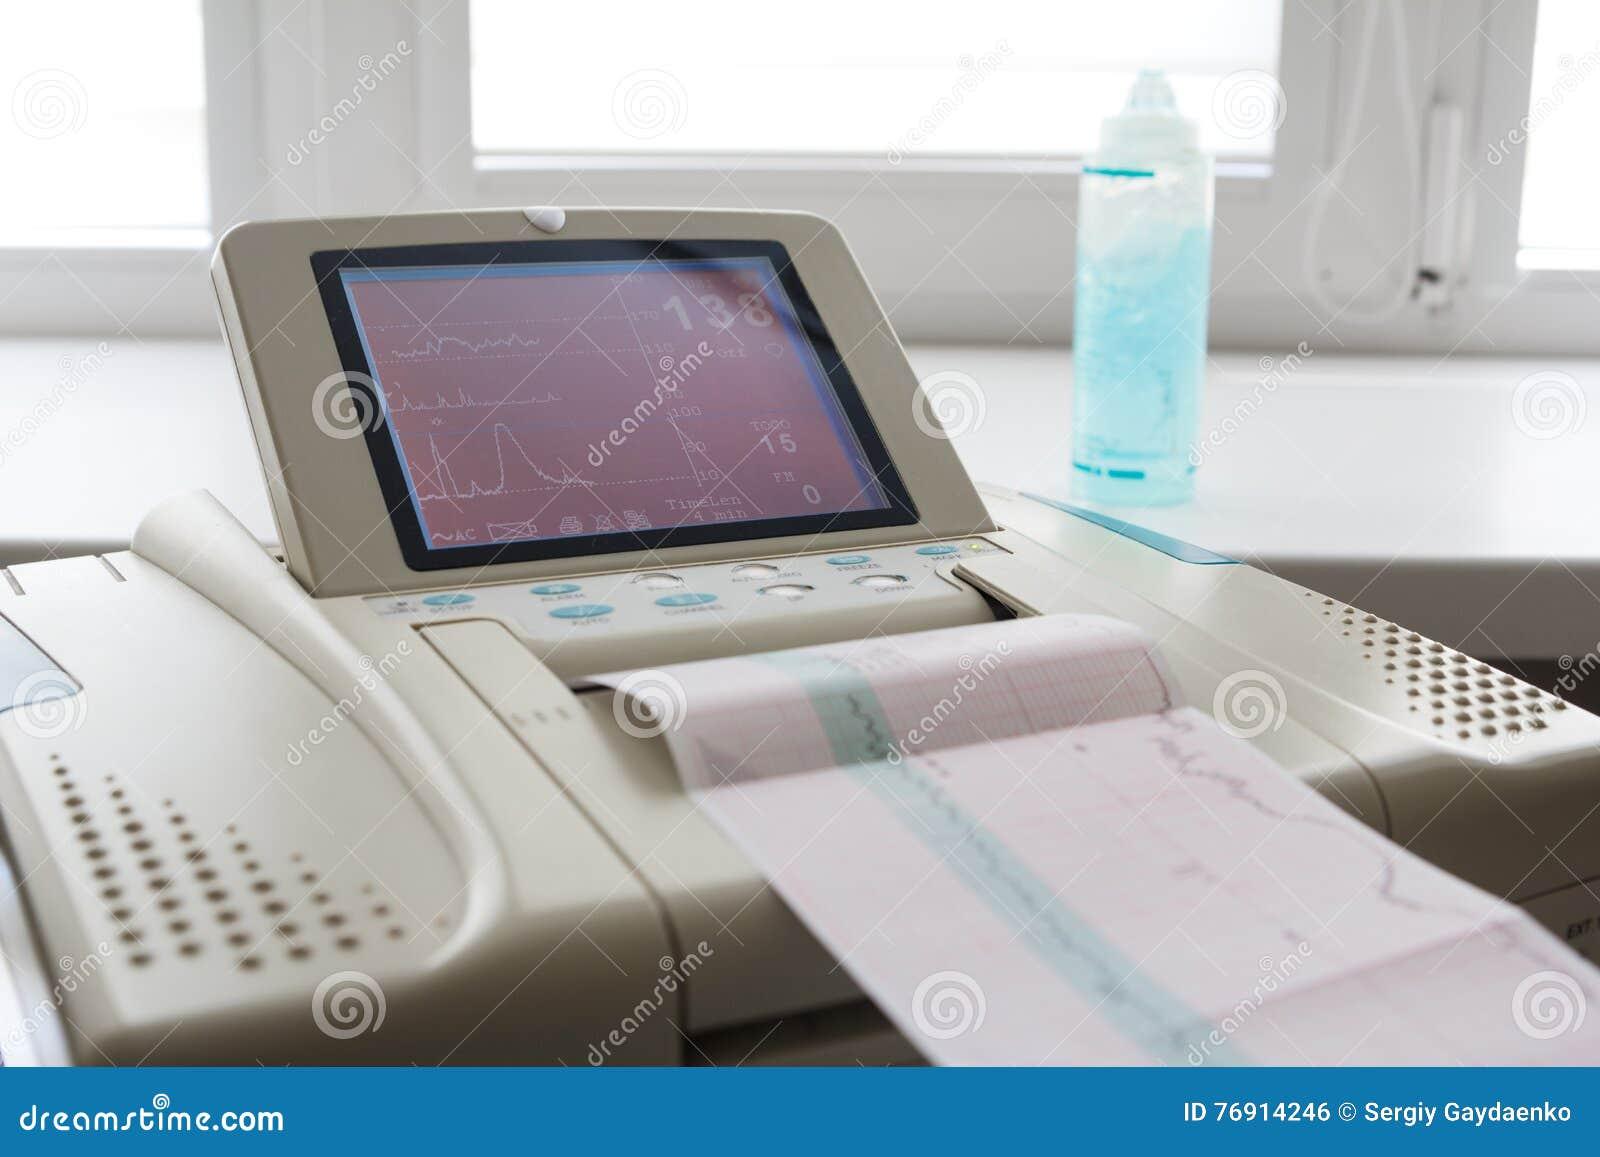 来自心动电描记器的心电图报告打印在辛苦病区里